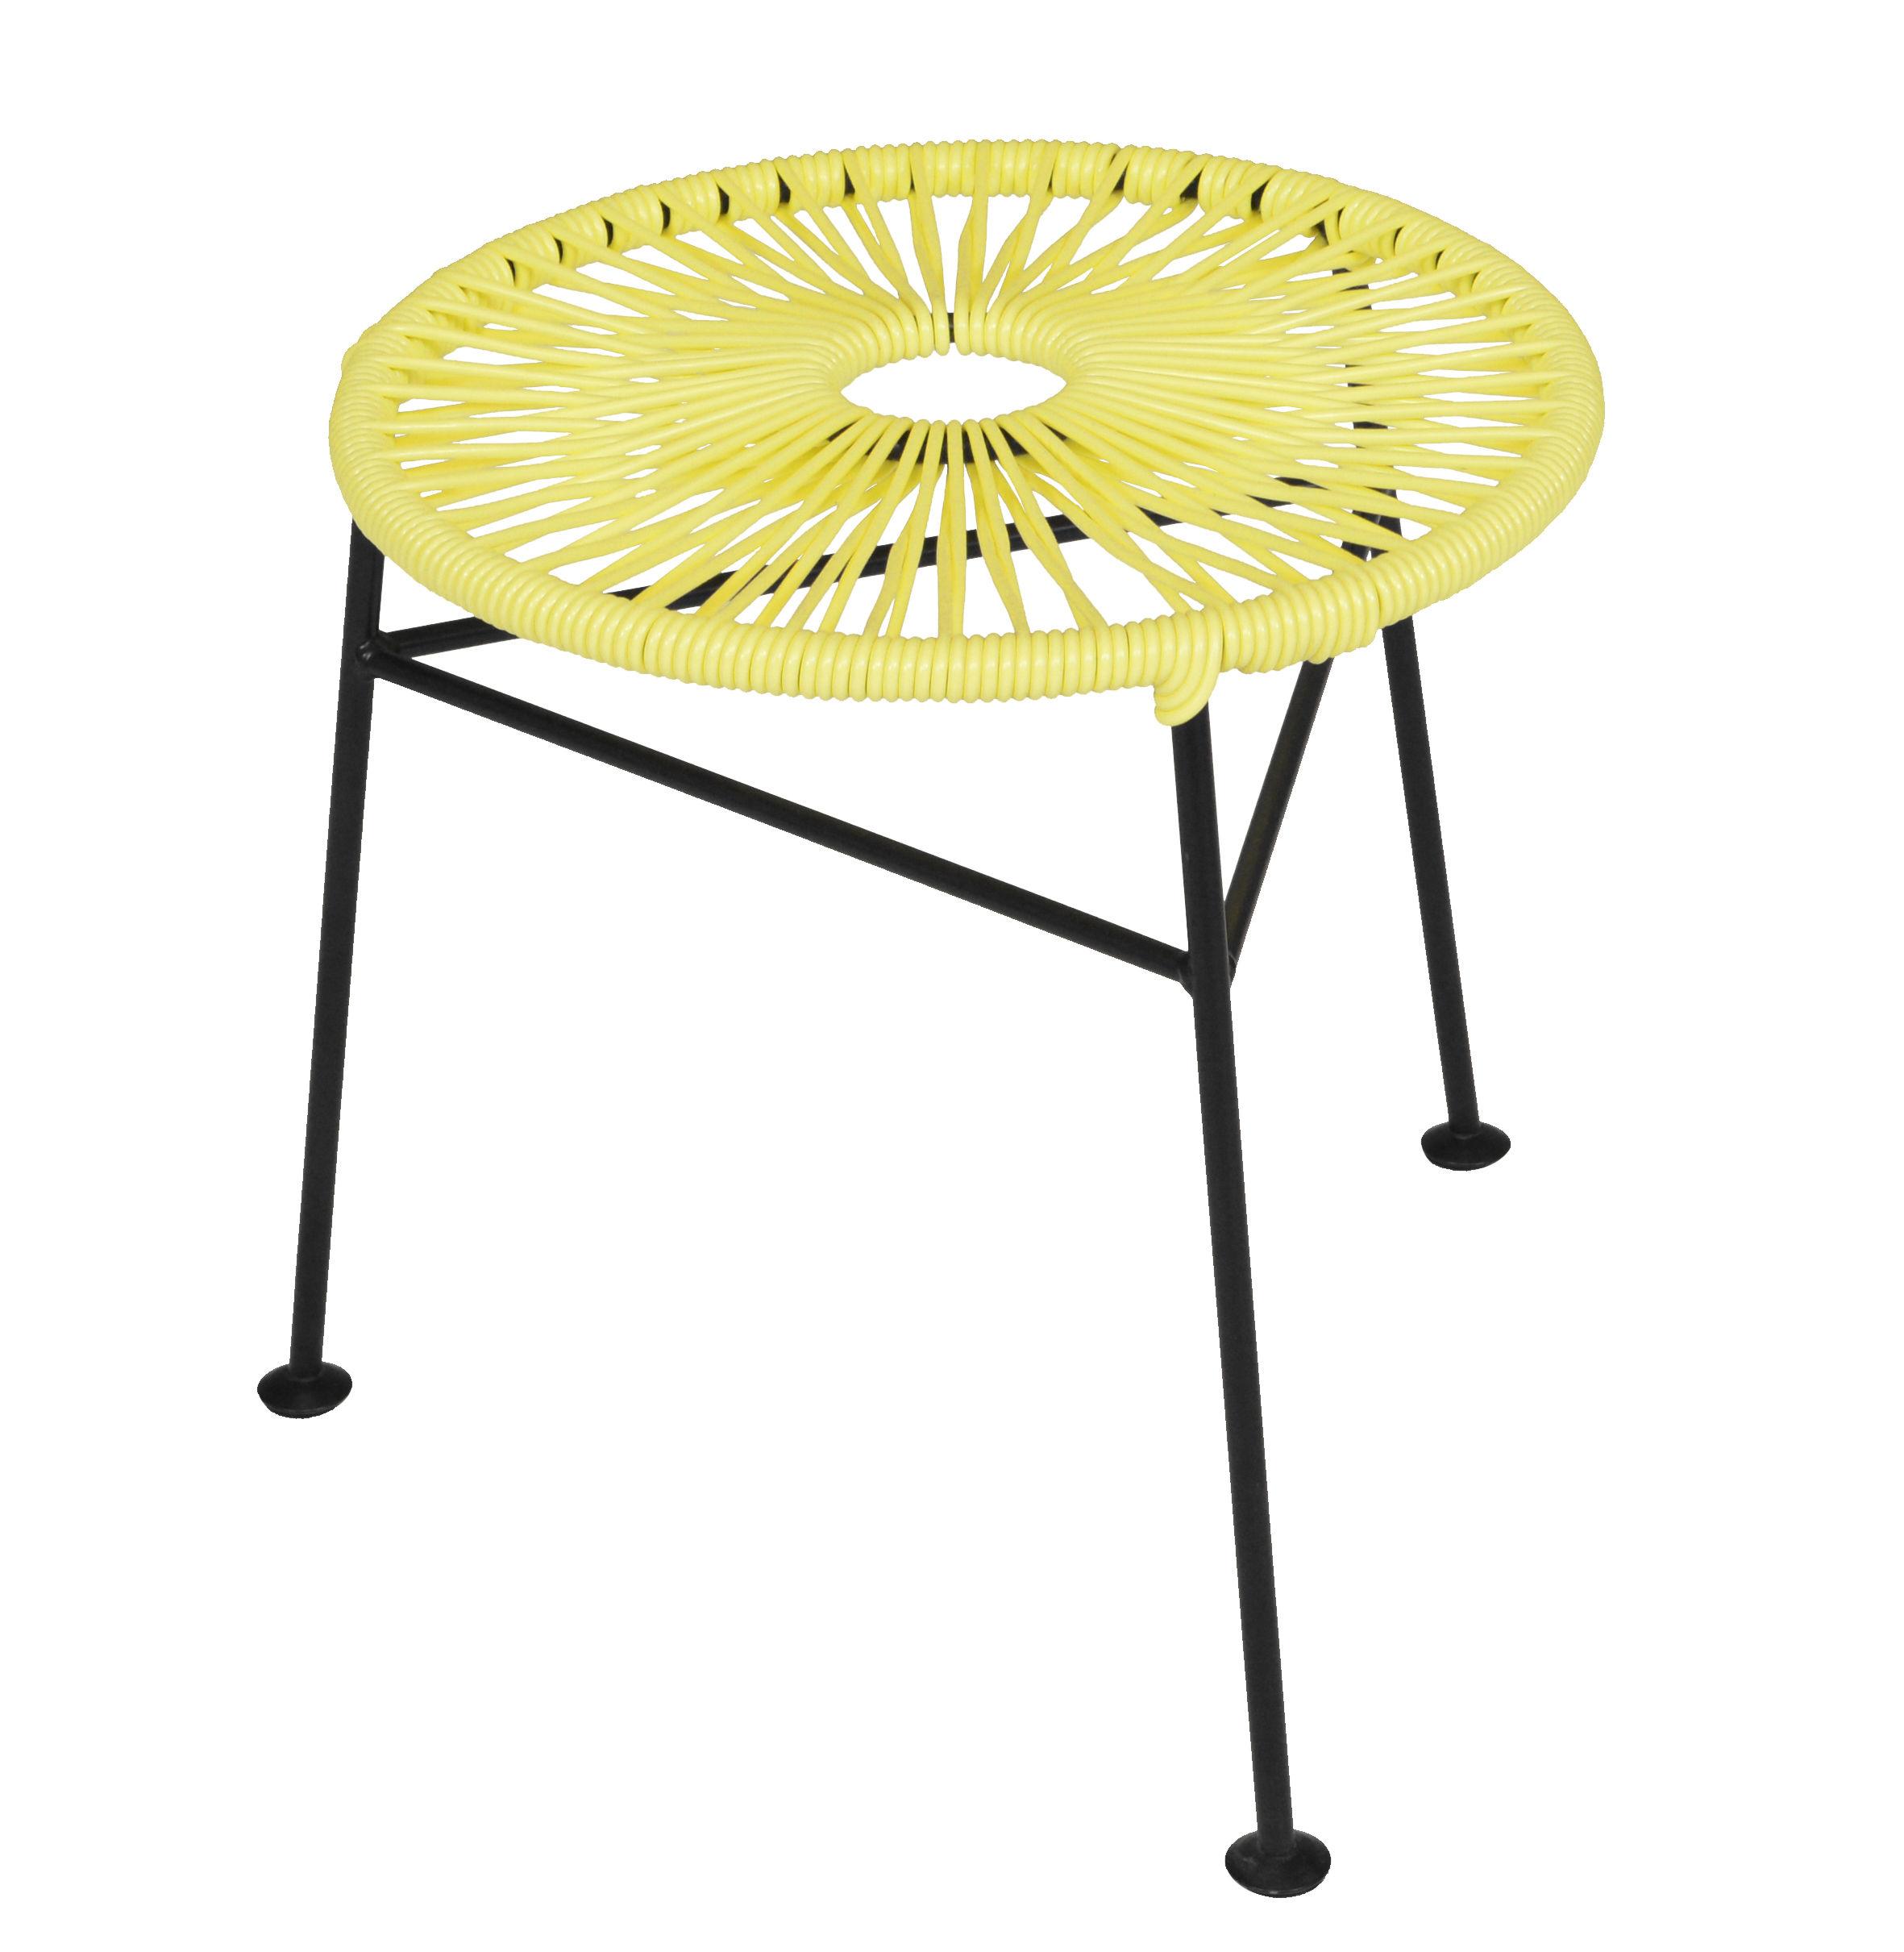 Tabouret empilable centro plastique tress jaune ok design pour sentou edition - Tabouret plastique empilable ...